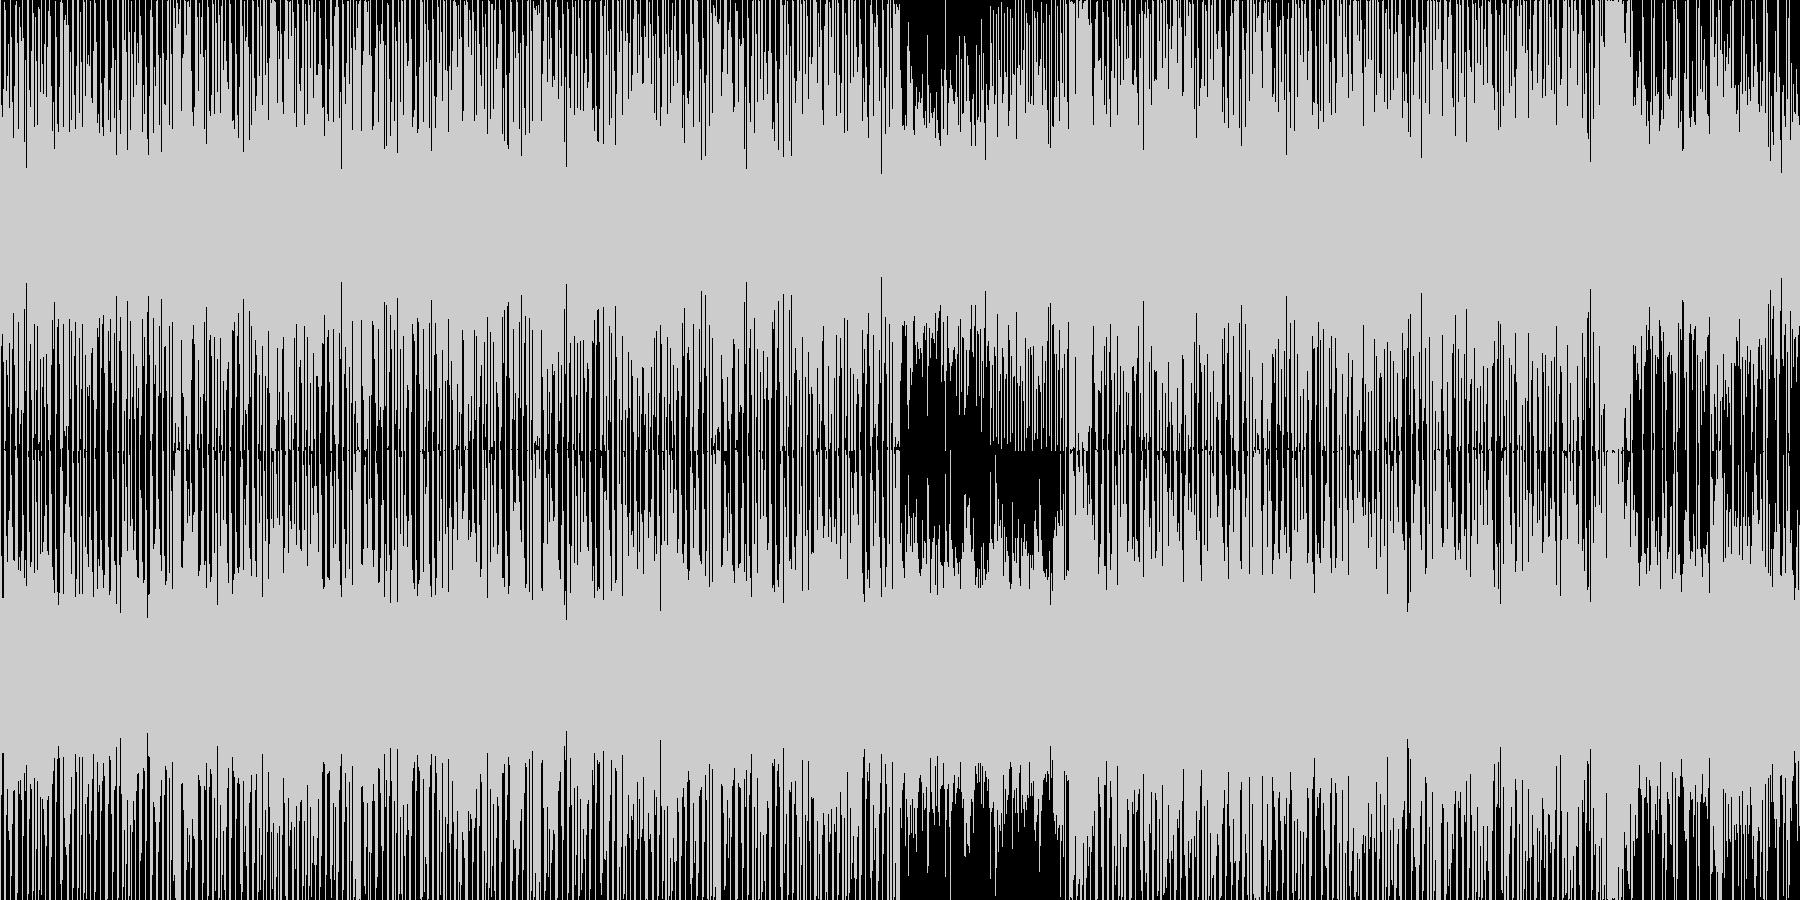 綺麗で神秘的なゆったりBGM_LOOPの未再生の波形